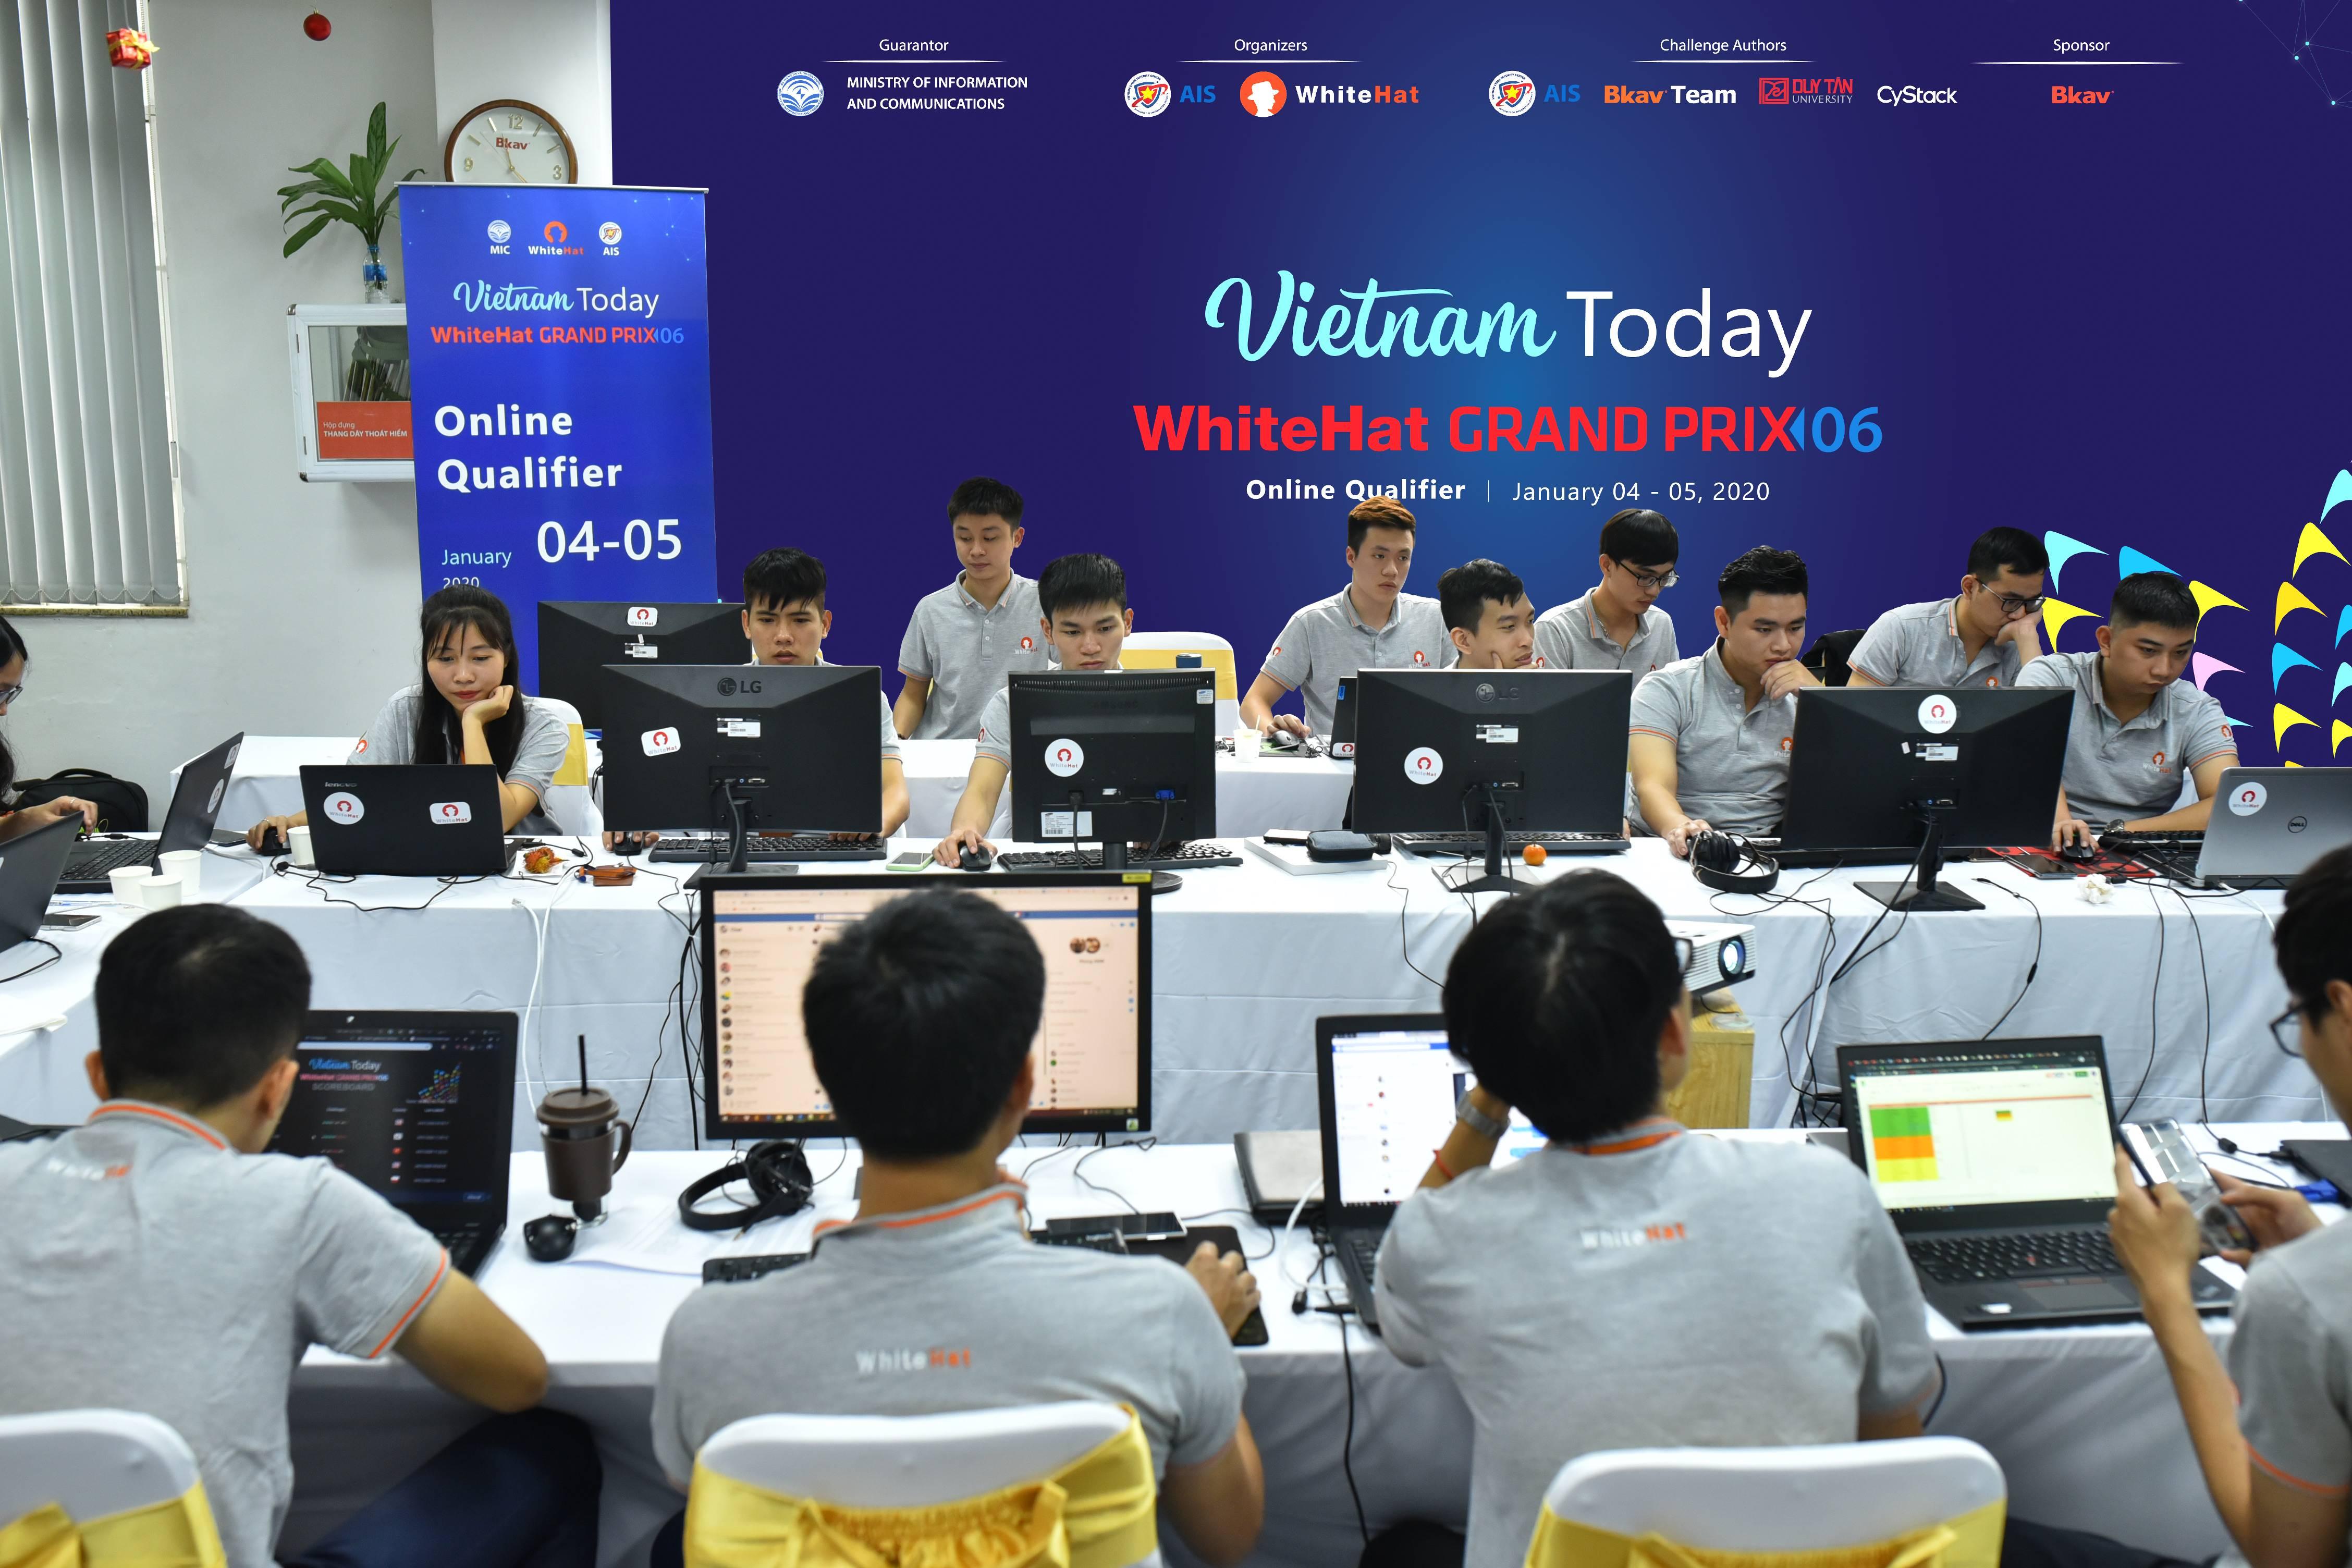 10 đội xuất sắc lọt vòng Chung kết thi an toàn không gian mạng